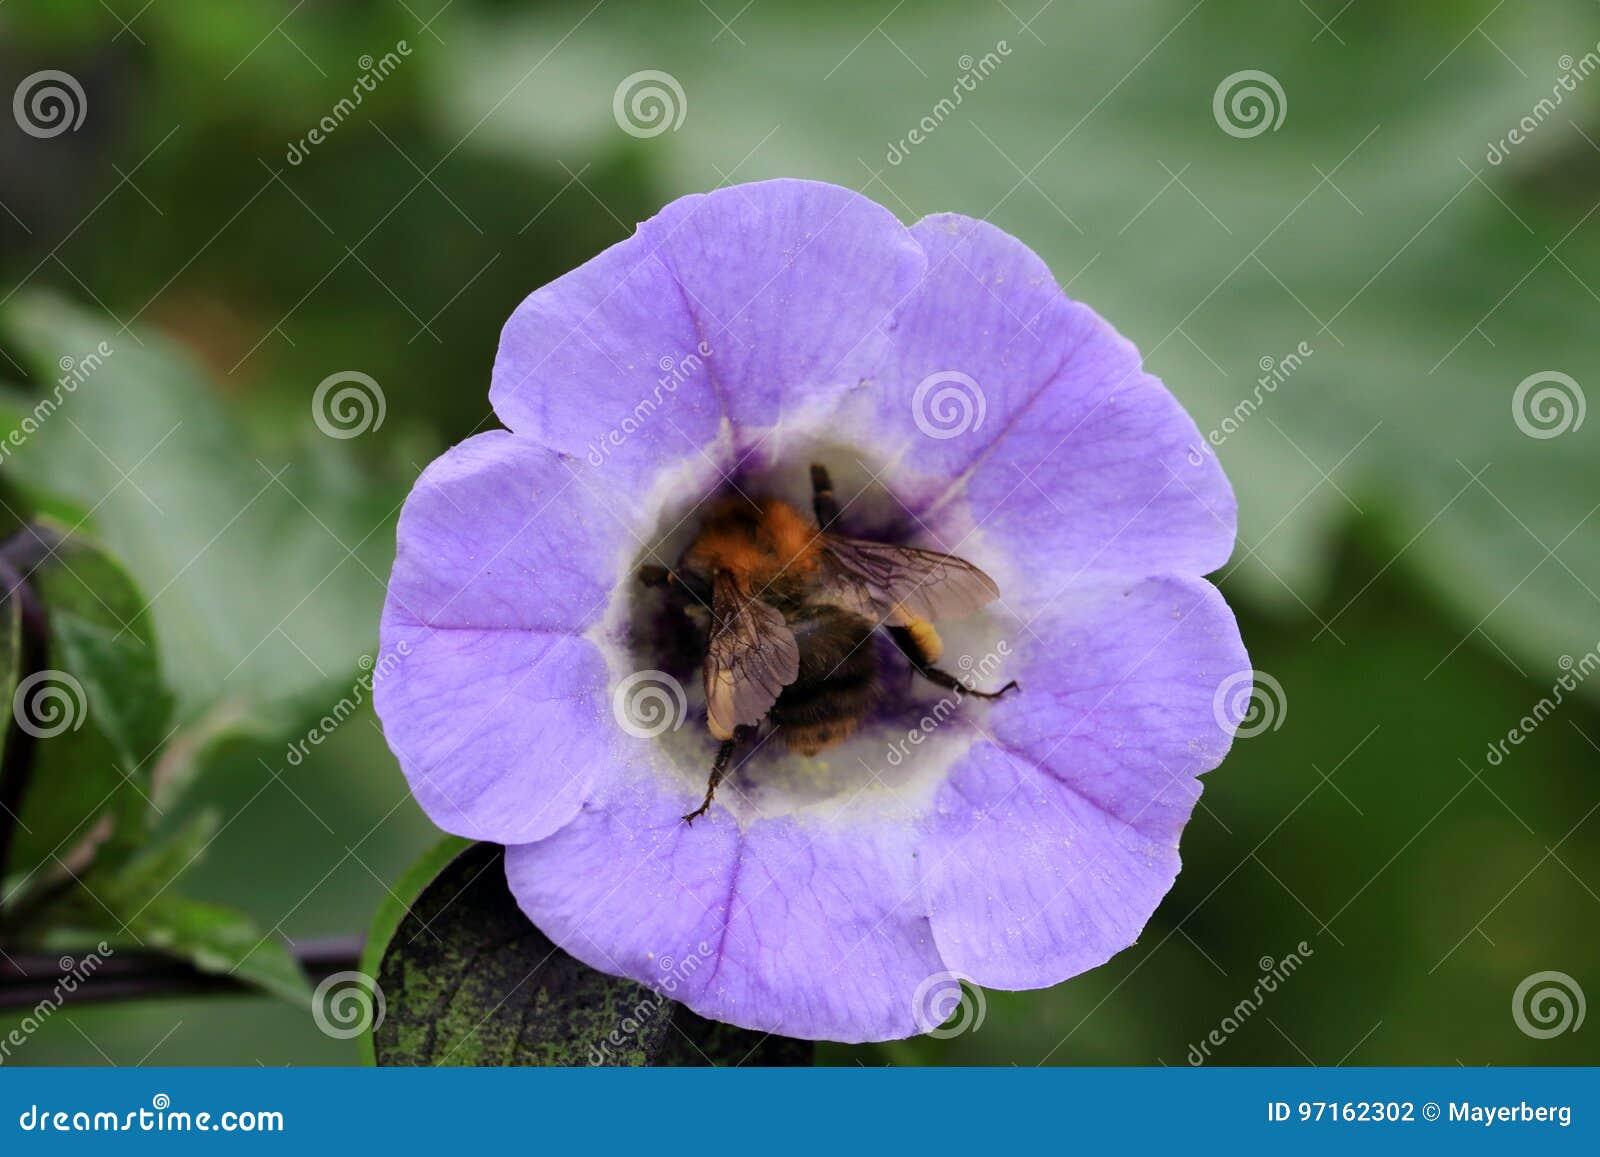 De bloem van Nolanasialia met een hommel